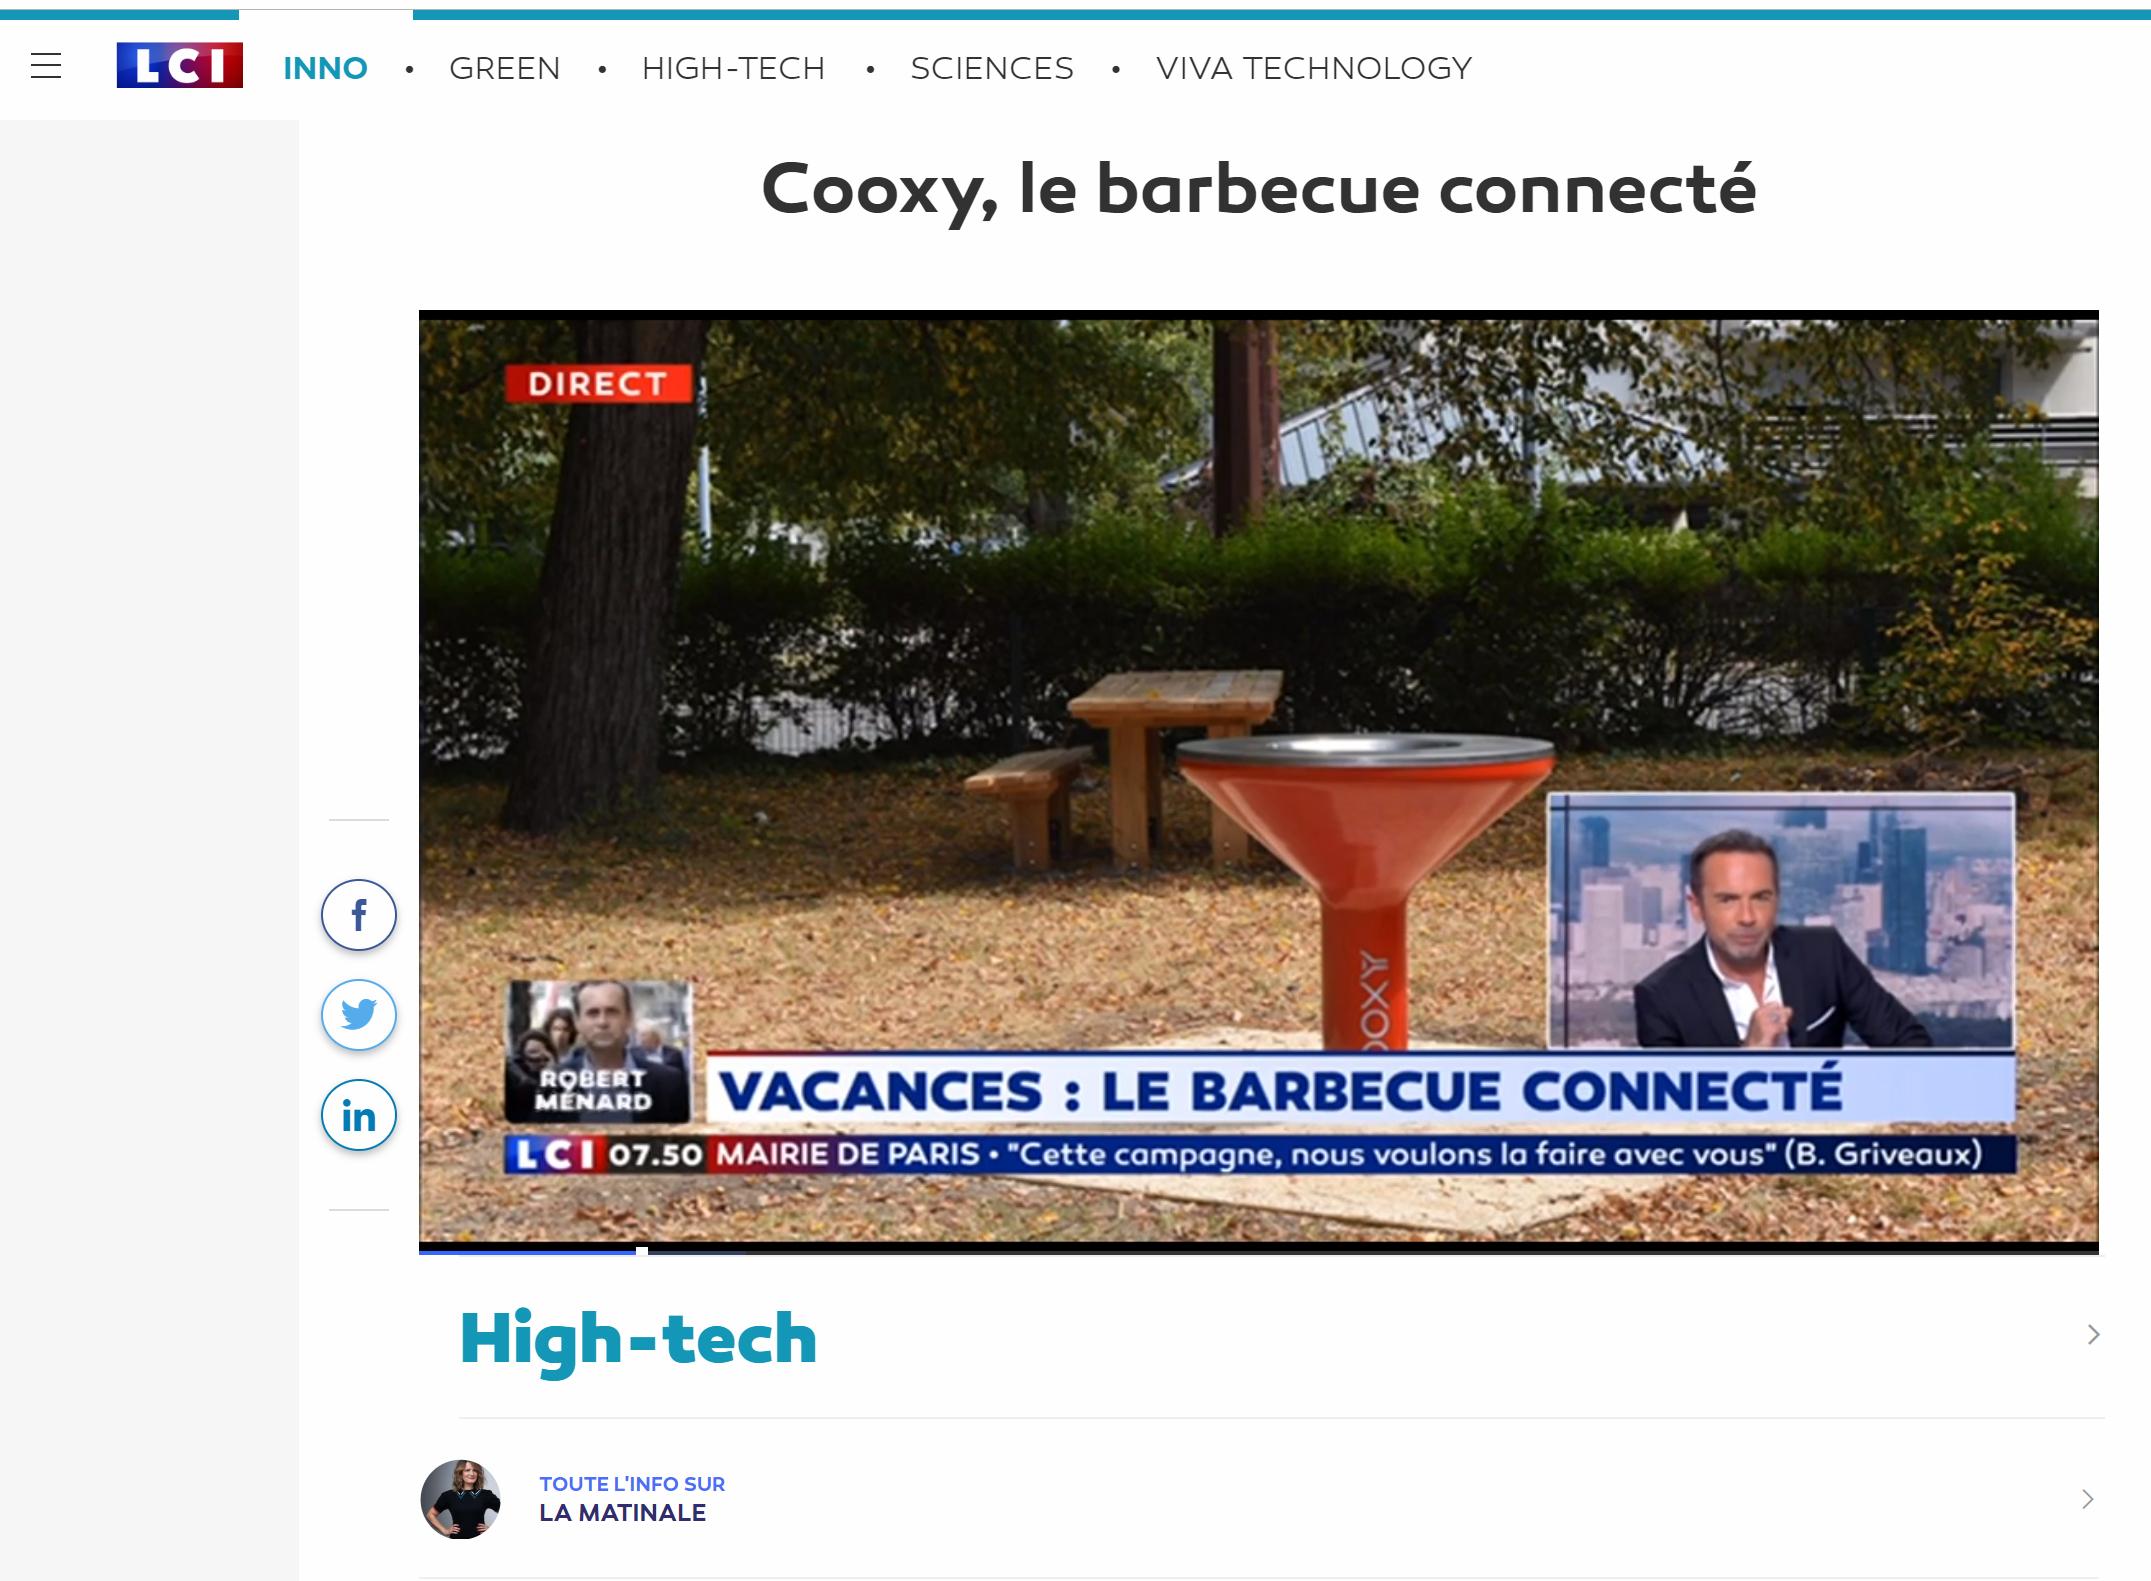 [Revue de Presse] LCI met à l'honneur le BBQ connecté COOXY